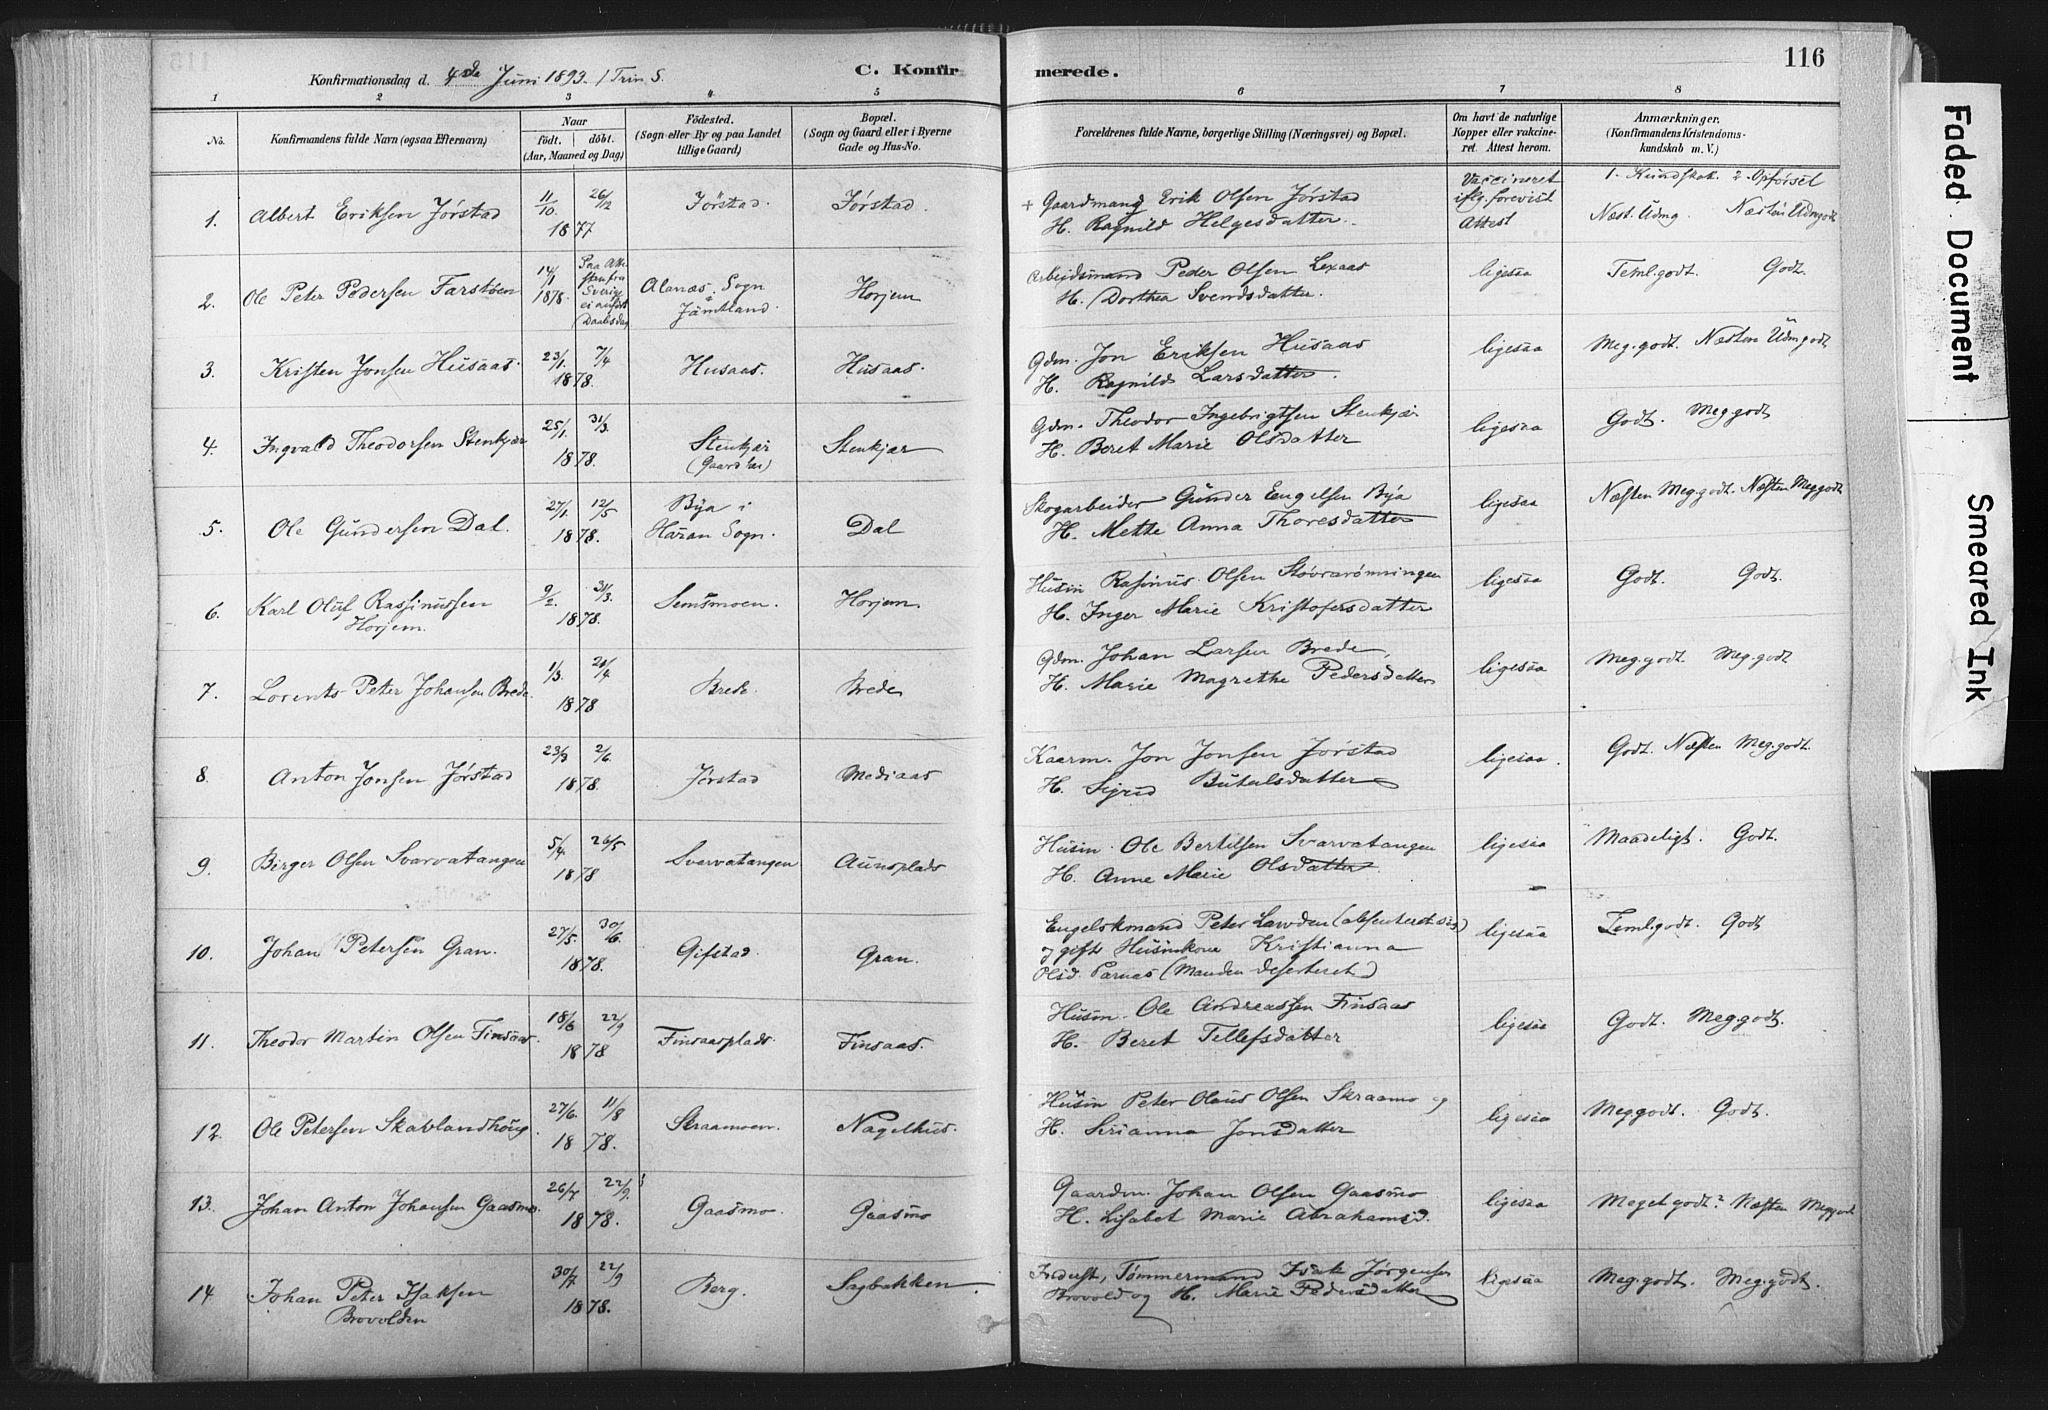 SAT, Ministerialprotokoller, klokkerbøker og fødselsregistre - Nord-Trøndelag, 749/L0474: Ministerialbok nr. 749A08, 1887-1903, s. 116